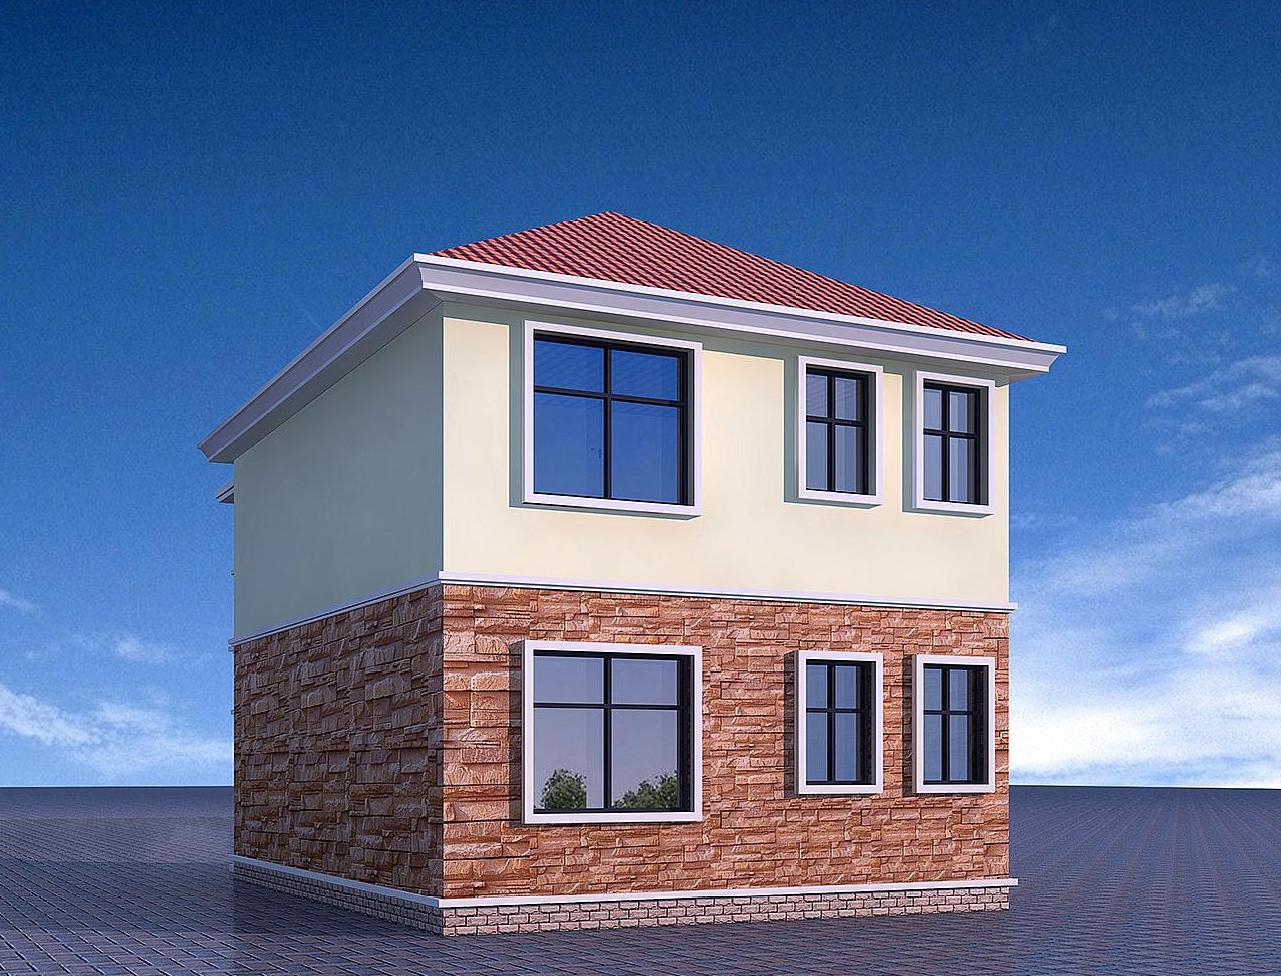 6米×10米的欧式二层小别墅,造价20万,塑造一个精致